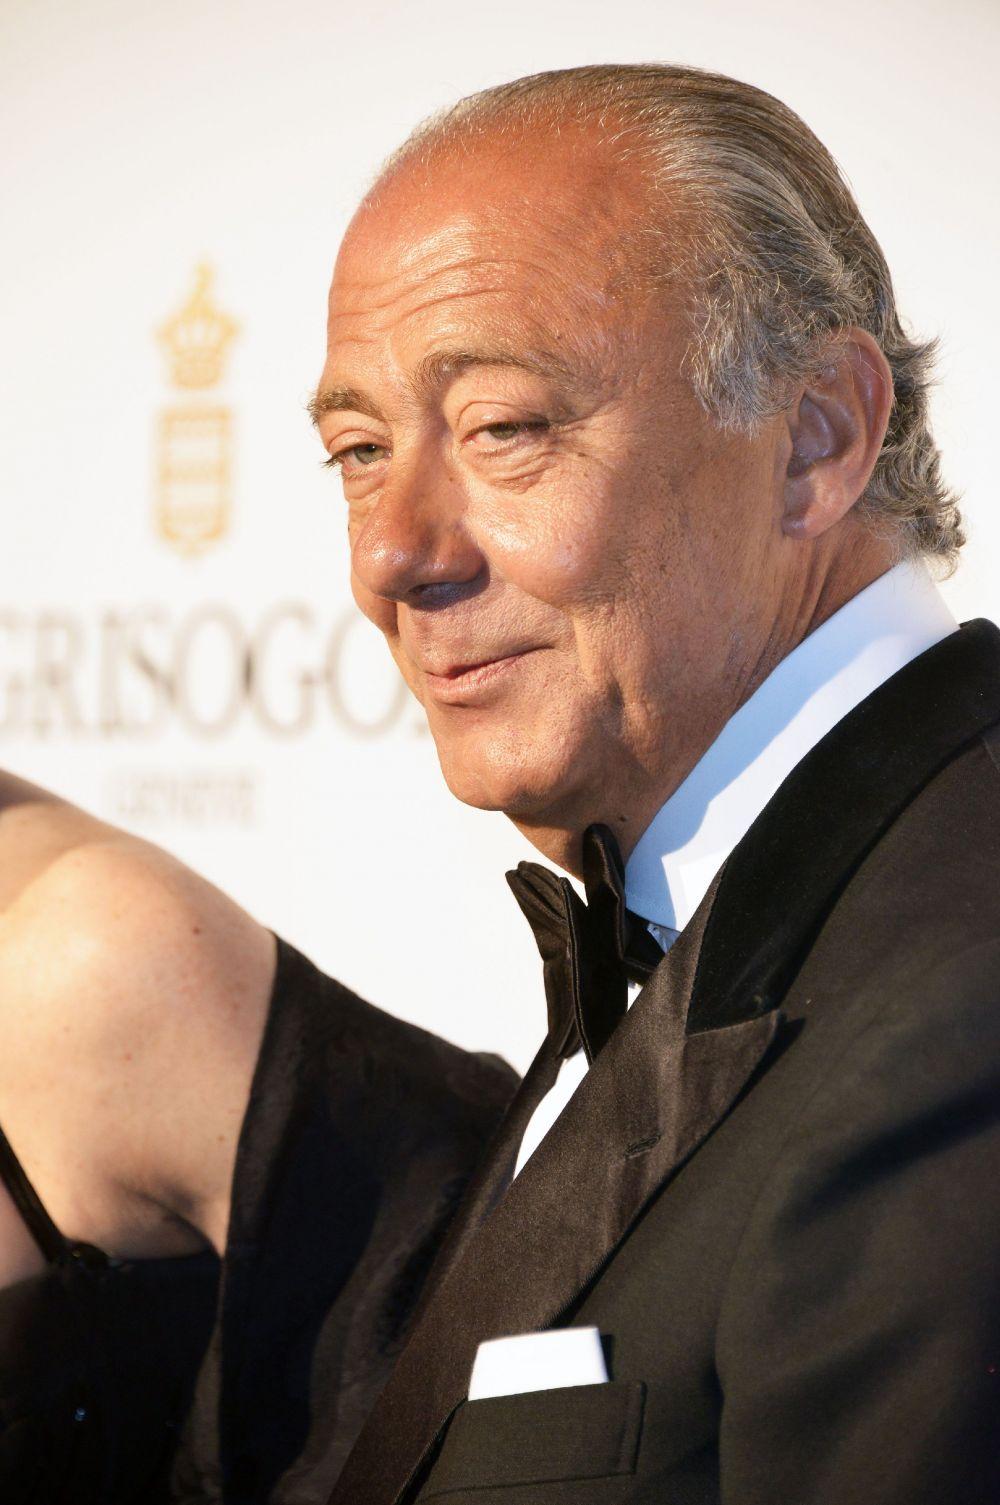 Одним из наиболее успешных ювелиров в наши дни является флорентийский мастер Фаваз Груози. Именно он ввёл в моду чёрные бриллианты – шикарные, но сдержанные украшения.